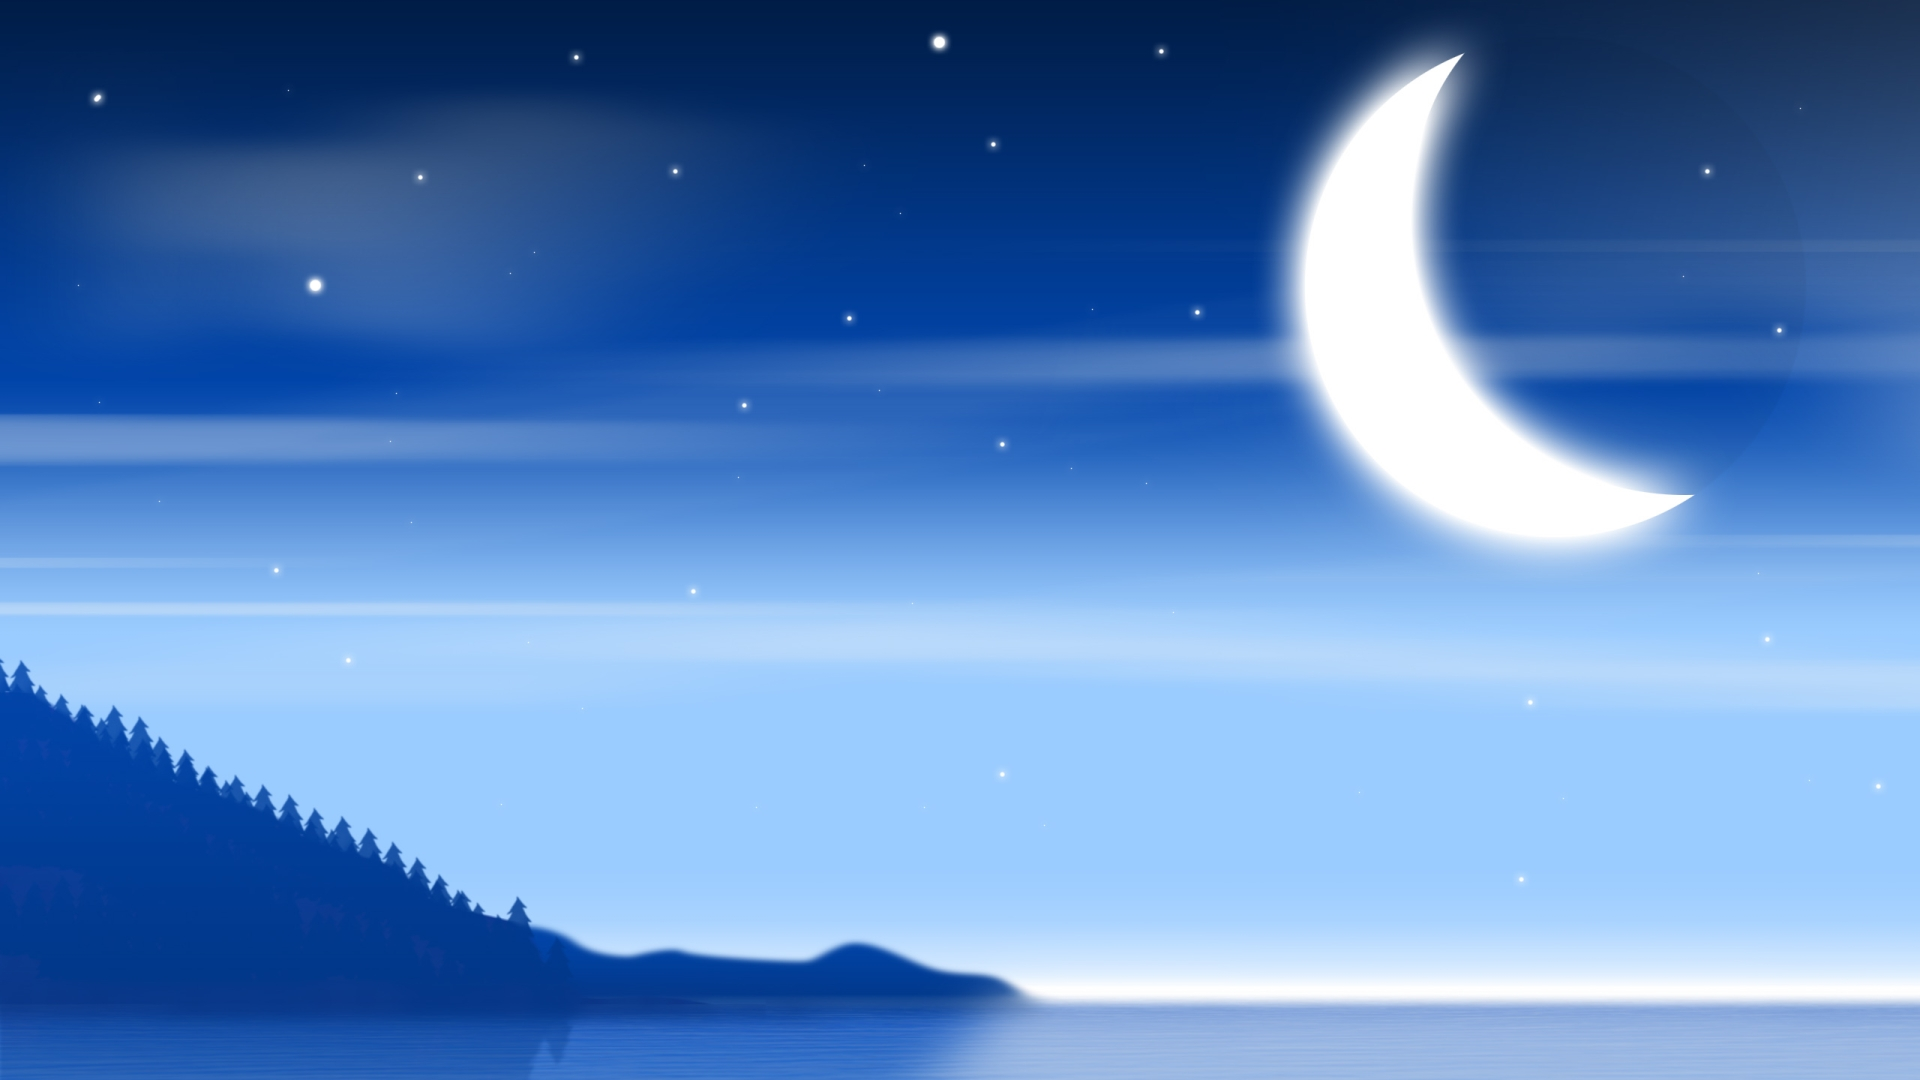 месяц, небо, голубое